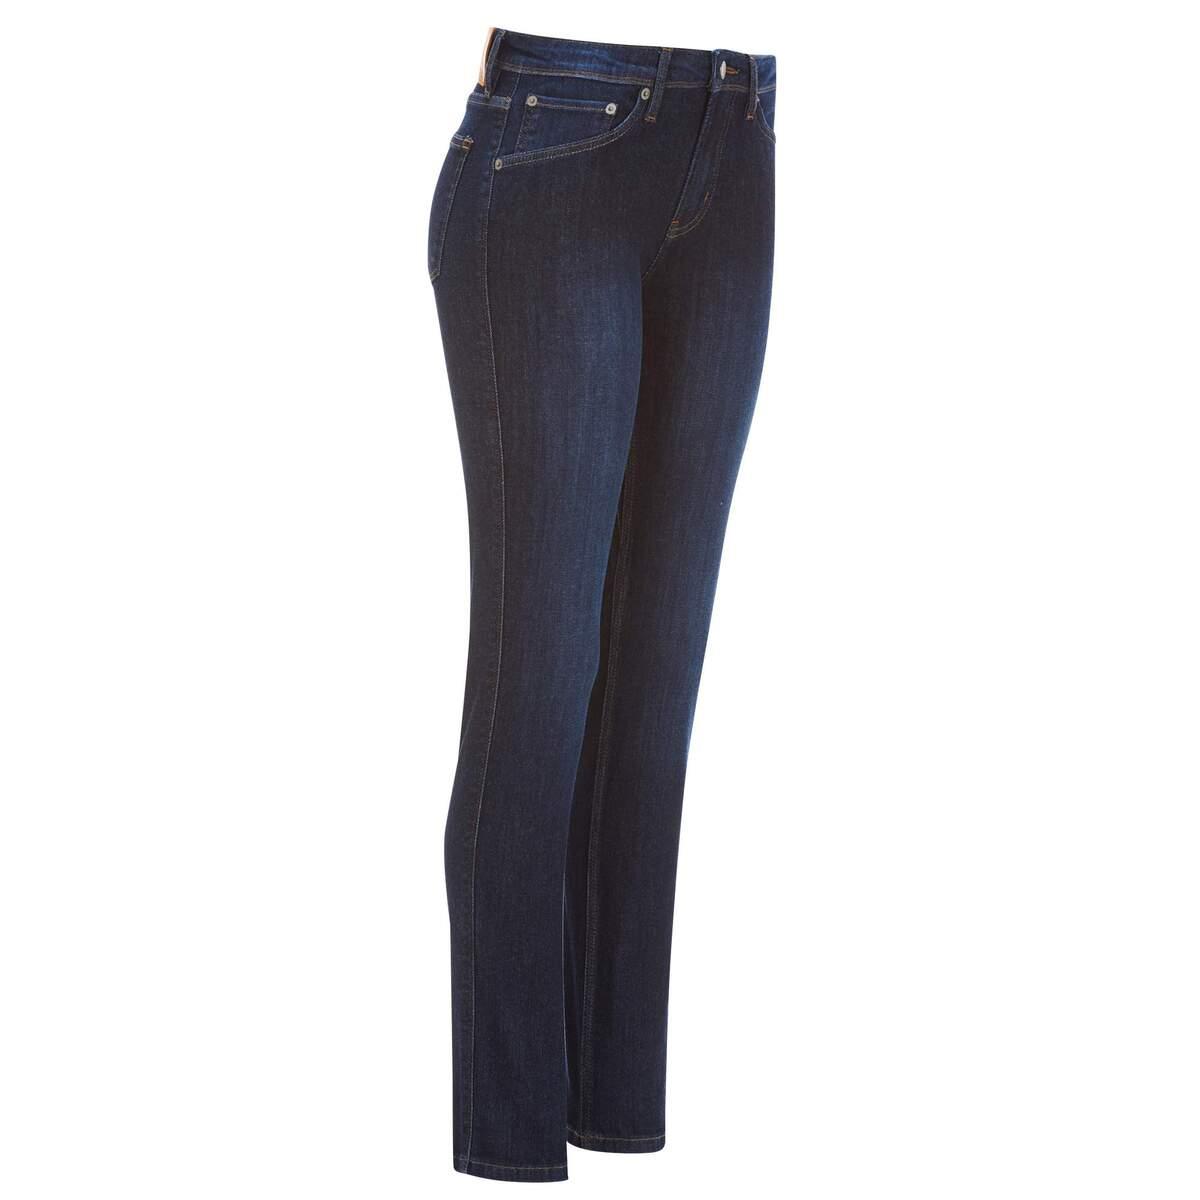 Bild 2 von DU/ER PERFORMANCE DENIM SLIM STRAIGHT Frauen - Jeans